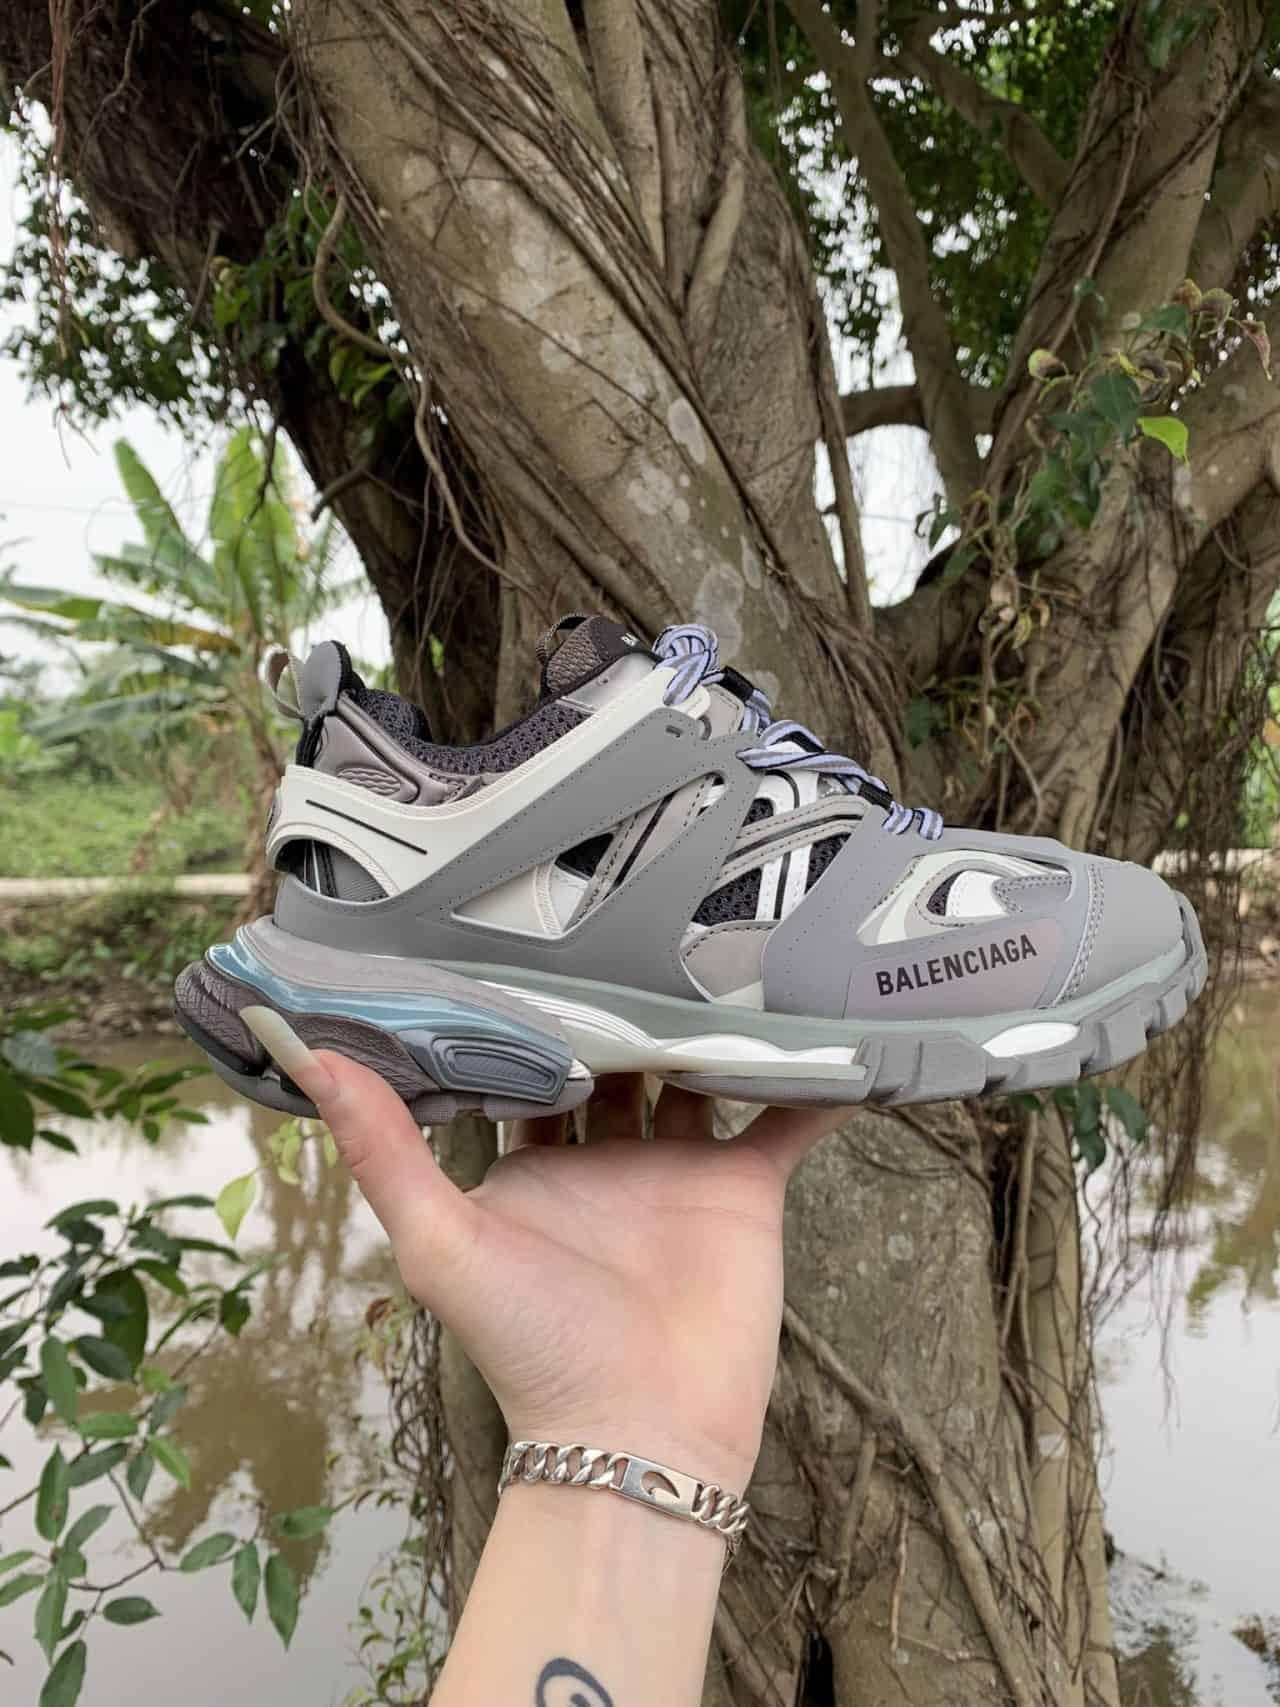 Giày Balenciaga có thiết kế nhiều tầng nhiều lớp đặc trưng